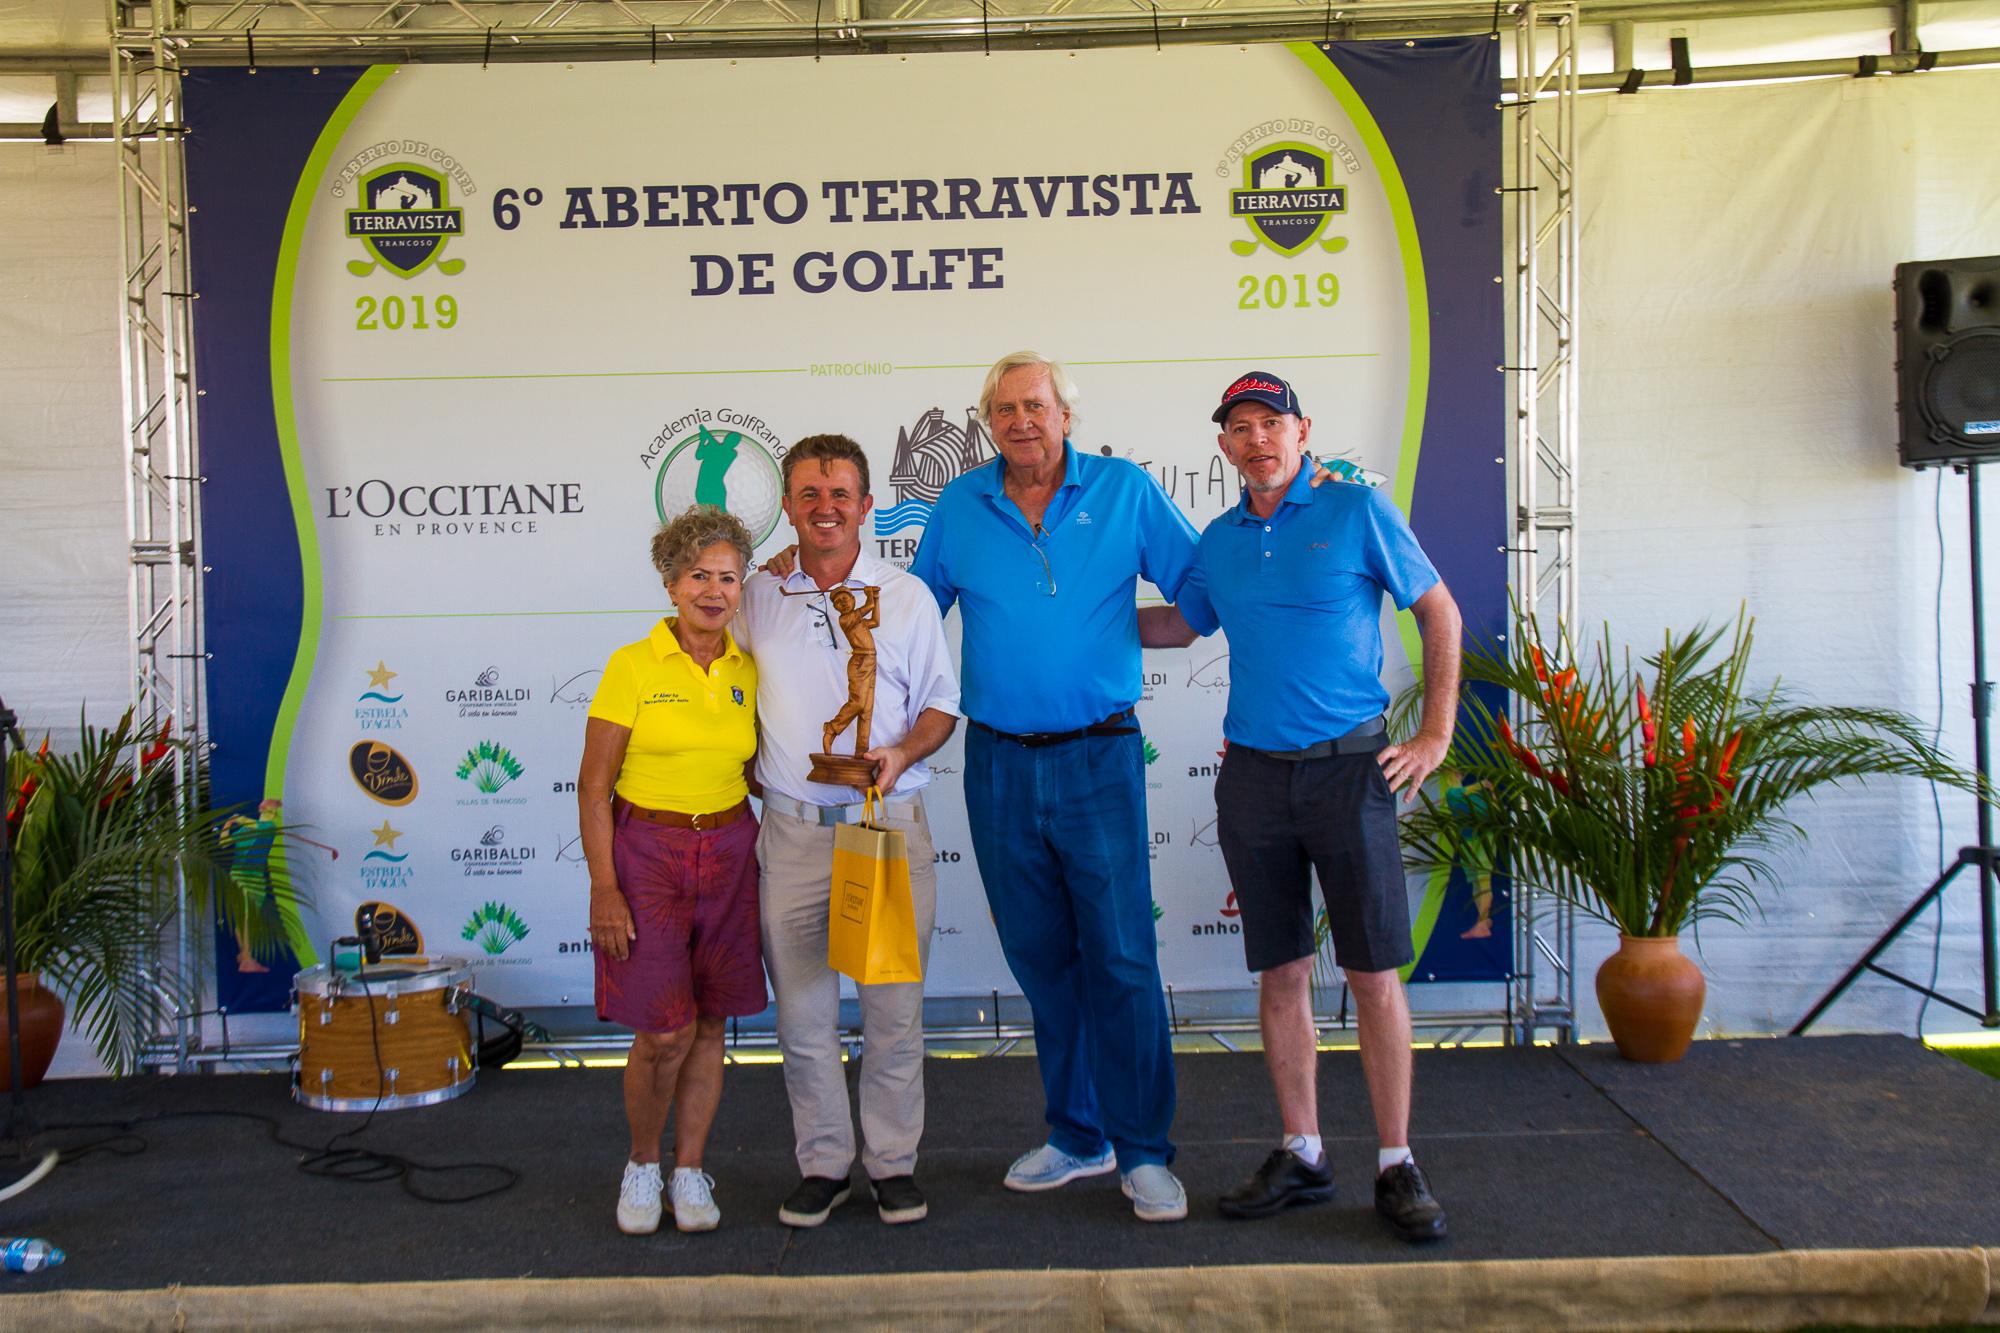 Paul O'Doherty, do São Paulo Golf Club e Rossana Marini, do Alphavile Graciosa, vencem em Trancoso